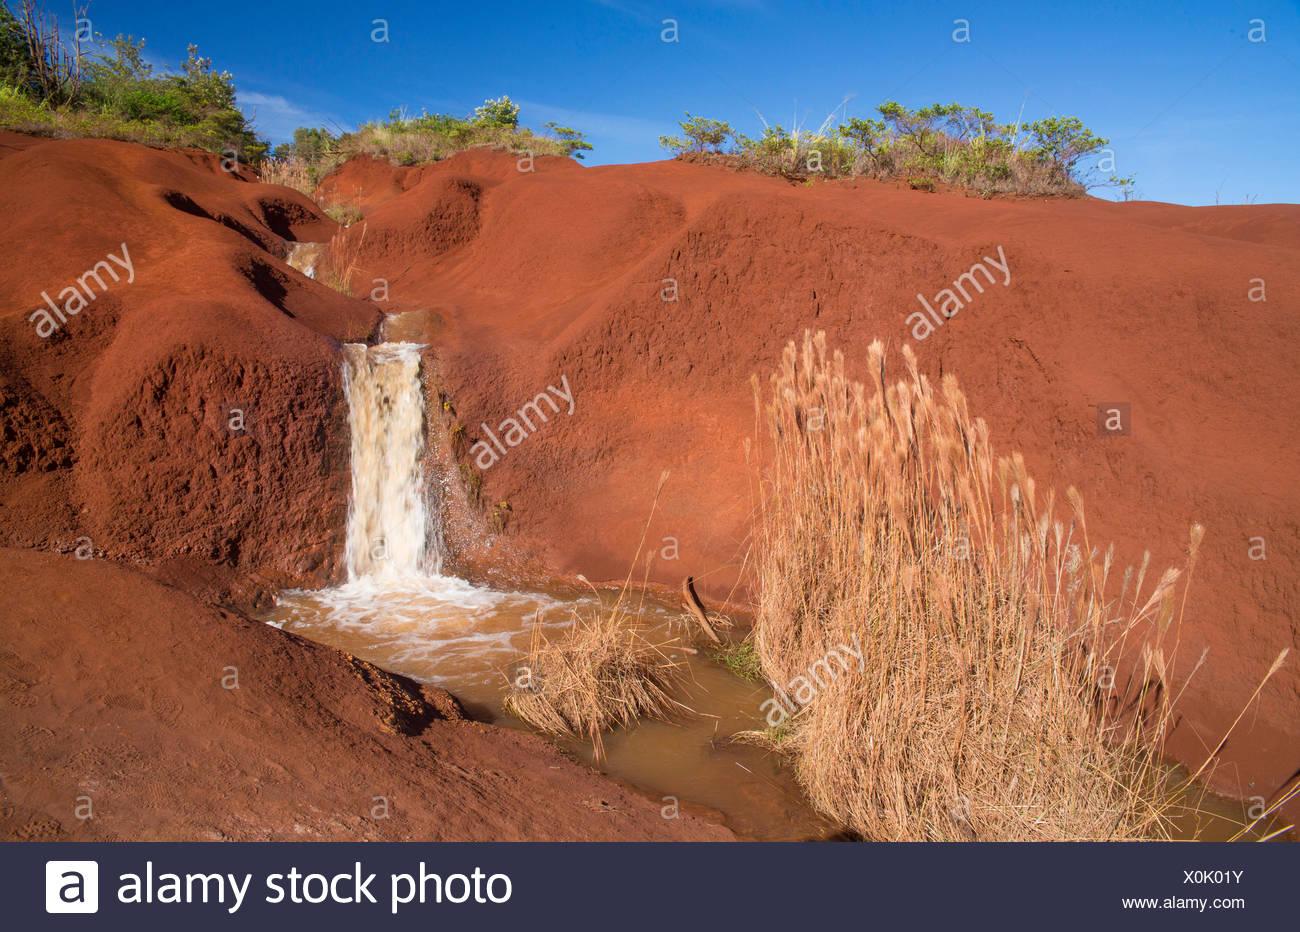 Kauai,Waimea,canyon,State park,Kauai,USA,Hawaii,America,waterfall, - Stock Image